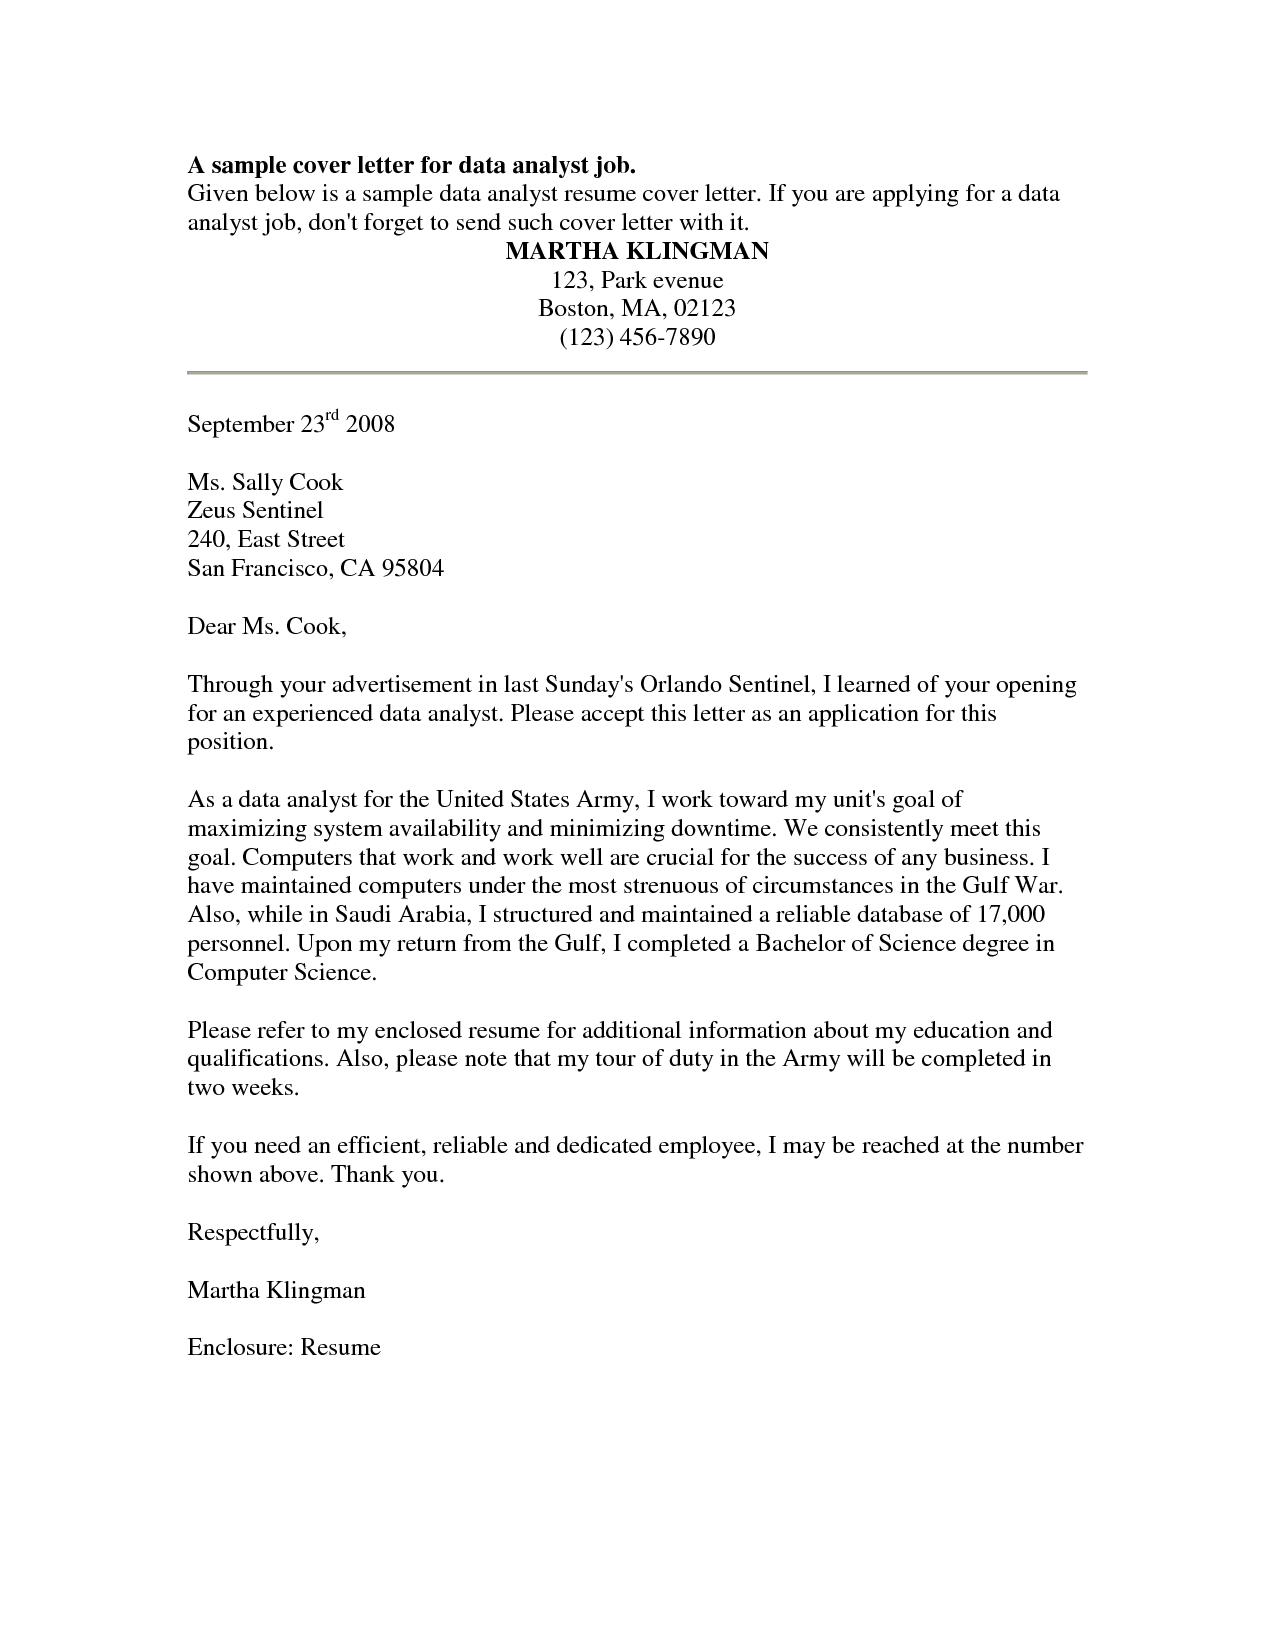 Cover Letter Investment Banking How To Write A Cover Letter For A Banking Job If Yo Cv Lettre De Motivation Modele De Lettre De Candidature Exemple De Lettre